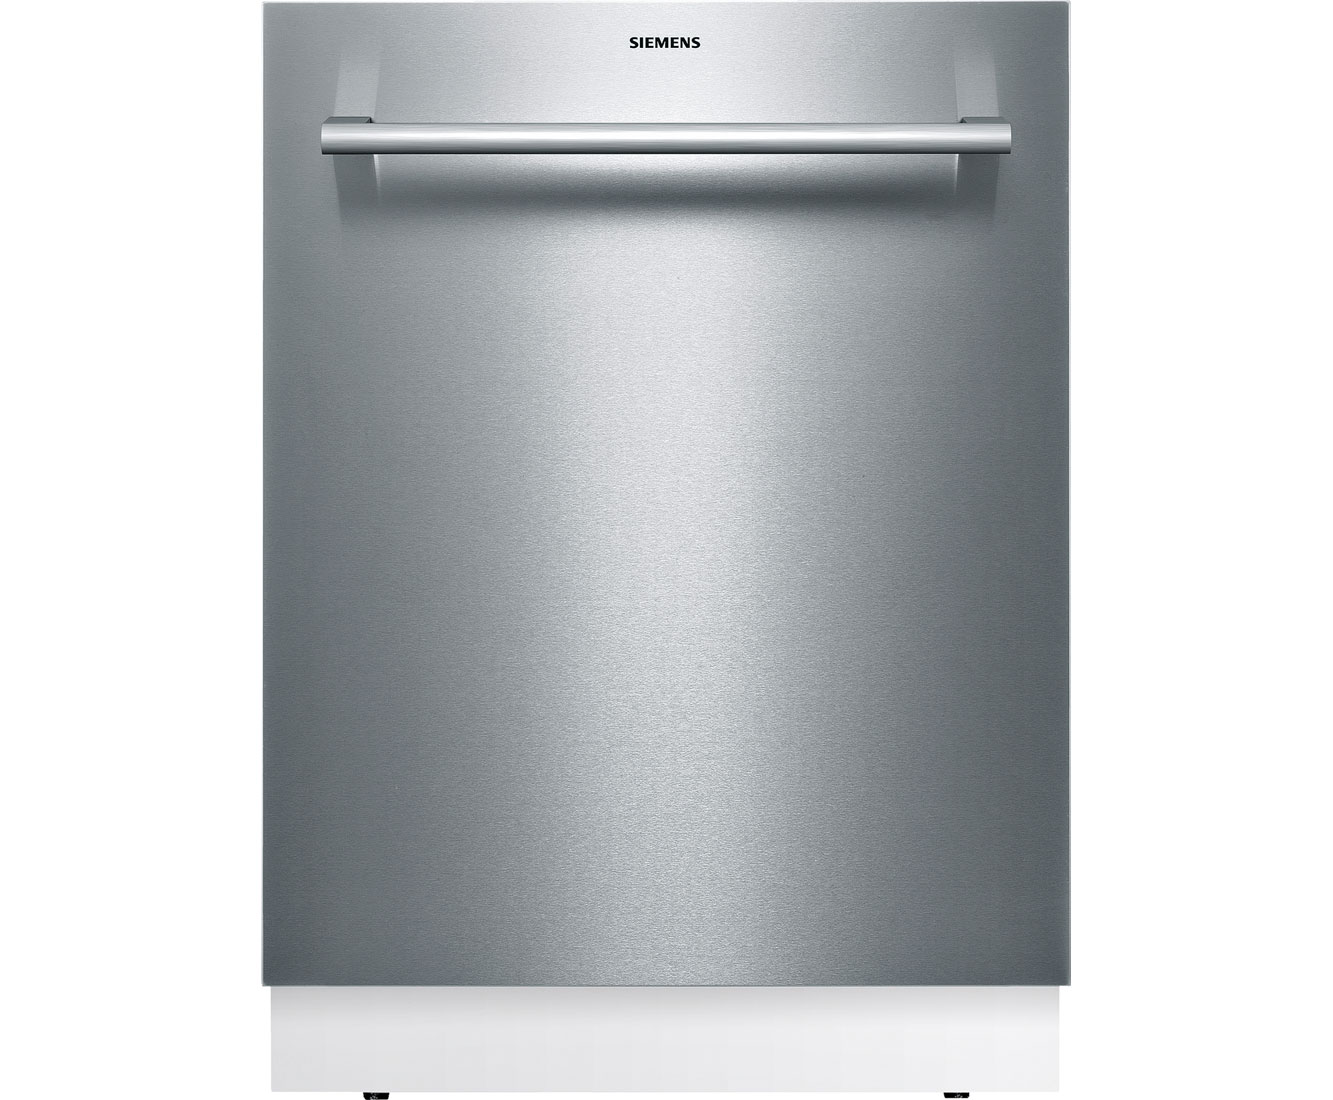 Siemens Kühlschrank In Betrieb Nehmen : Siemens iq ku rsx unterbau kühlschrank er nische